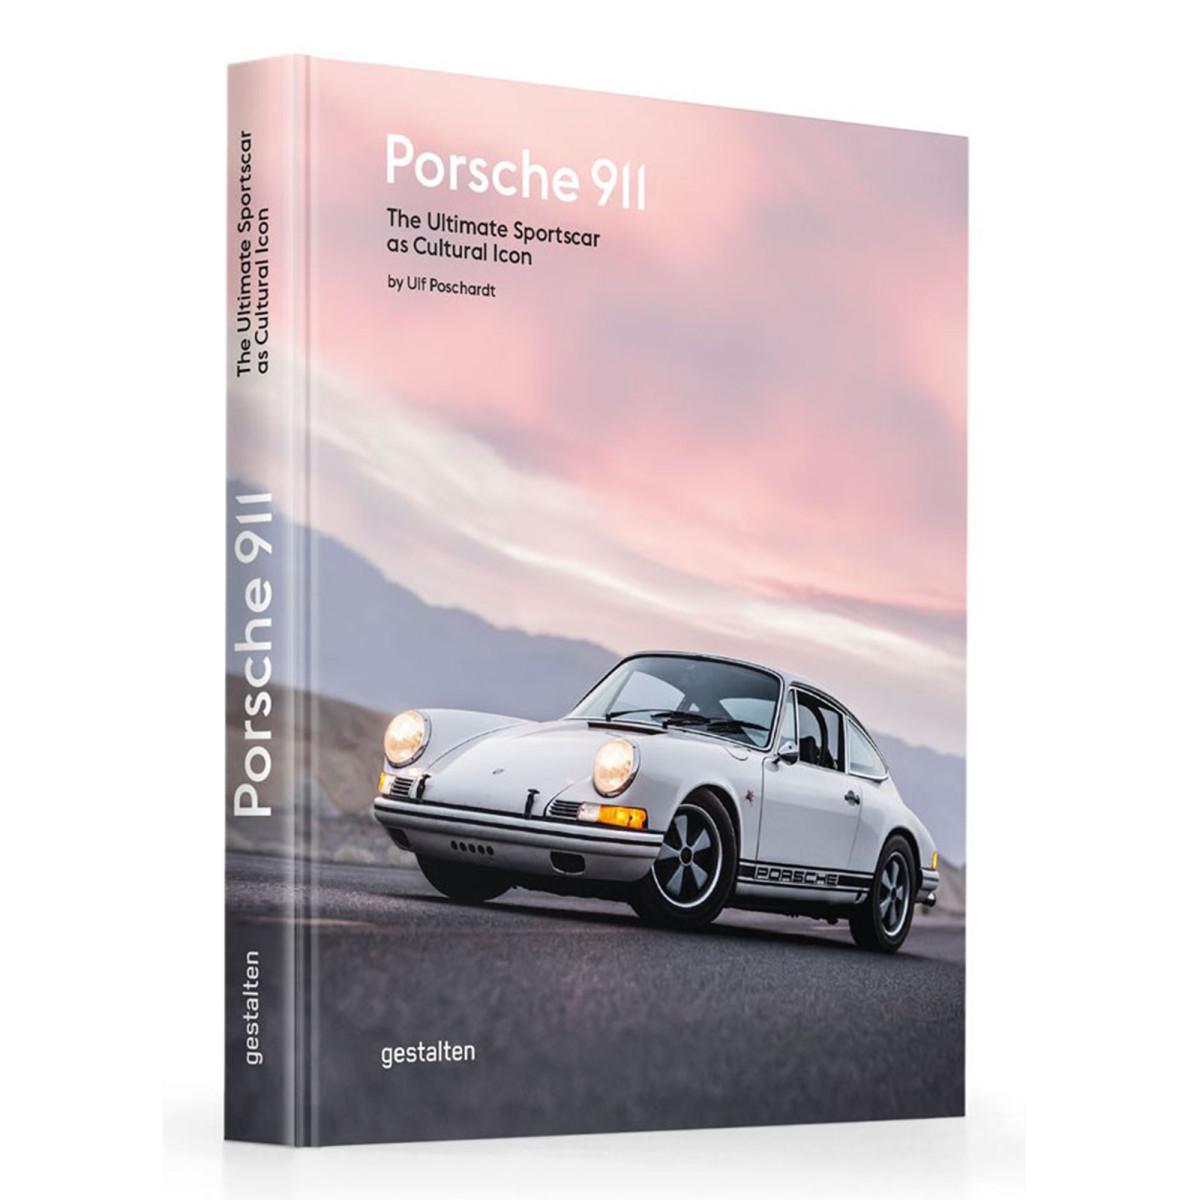 Porsche 911 by Gestalten